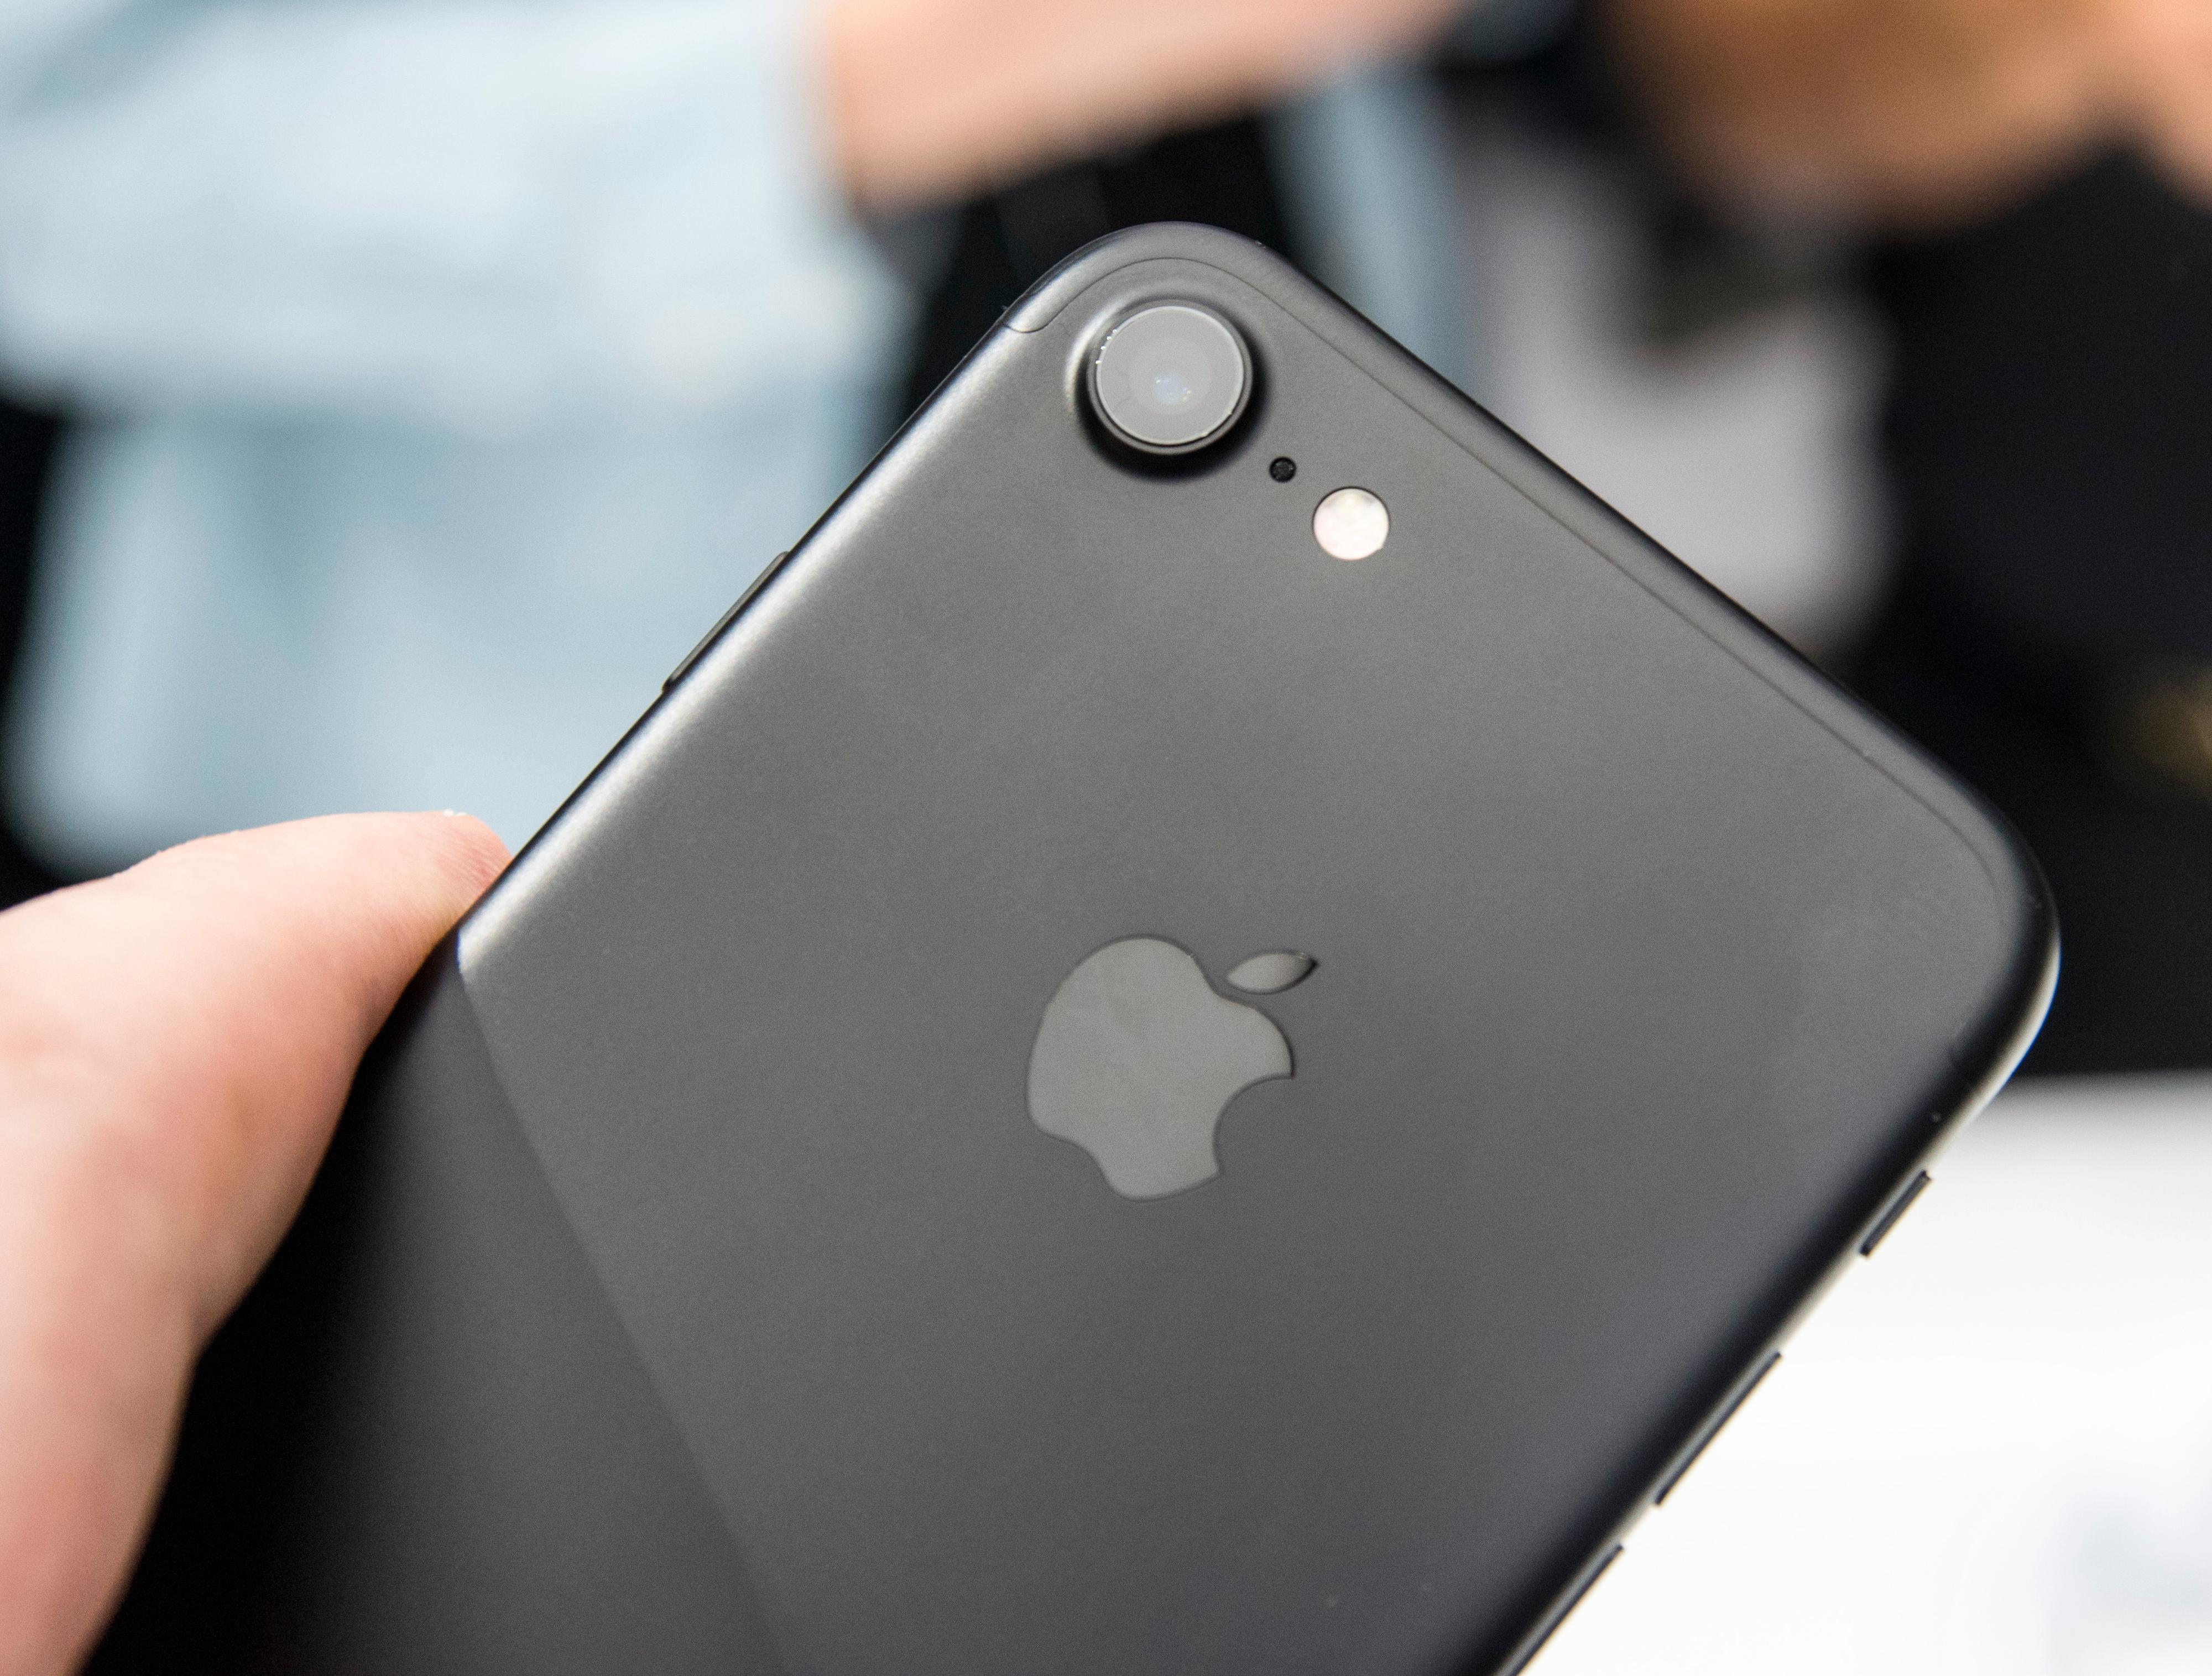 Apples mobiler opplever relativt markant nedgang i salget sammenlignet med Android, men enda verre er det med de øvrige plattformene.